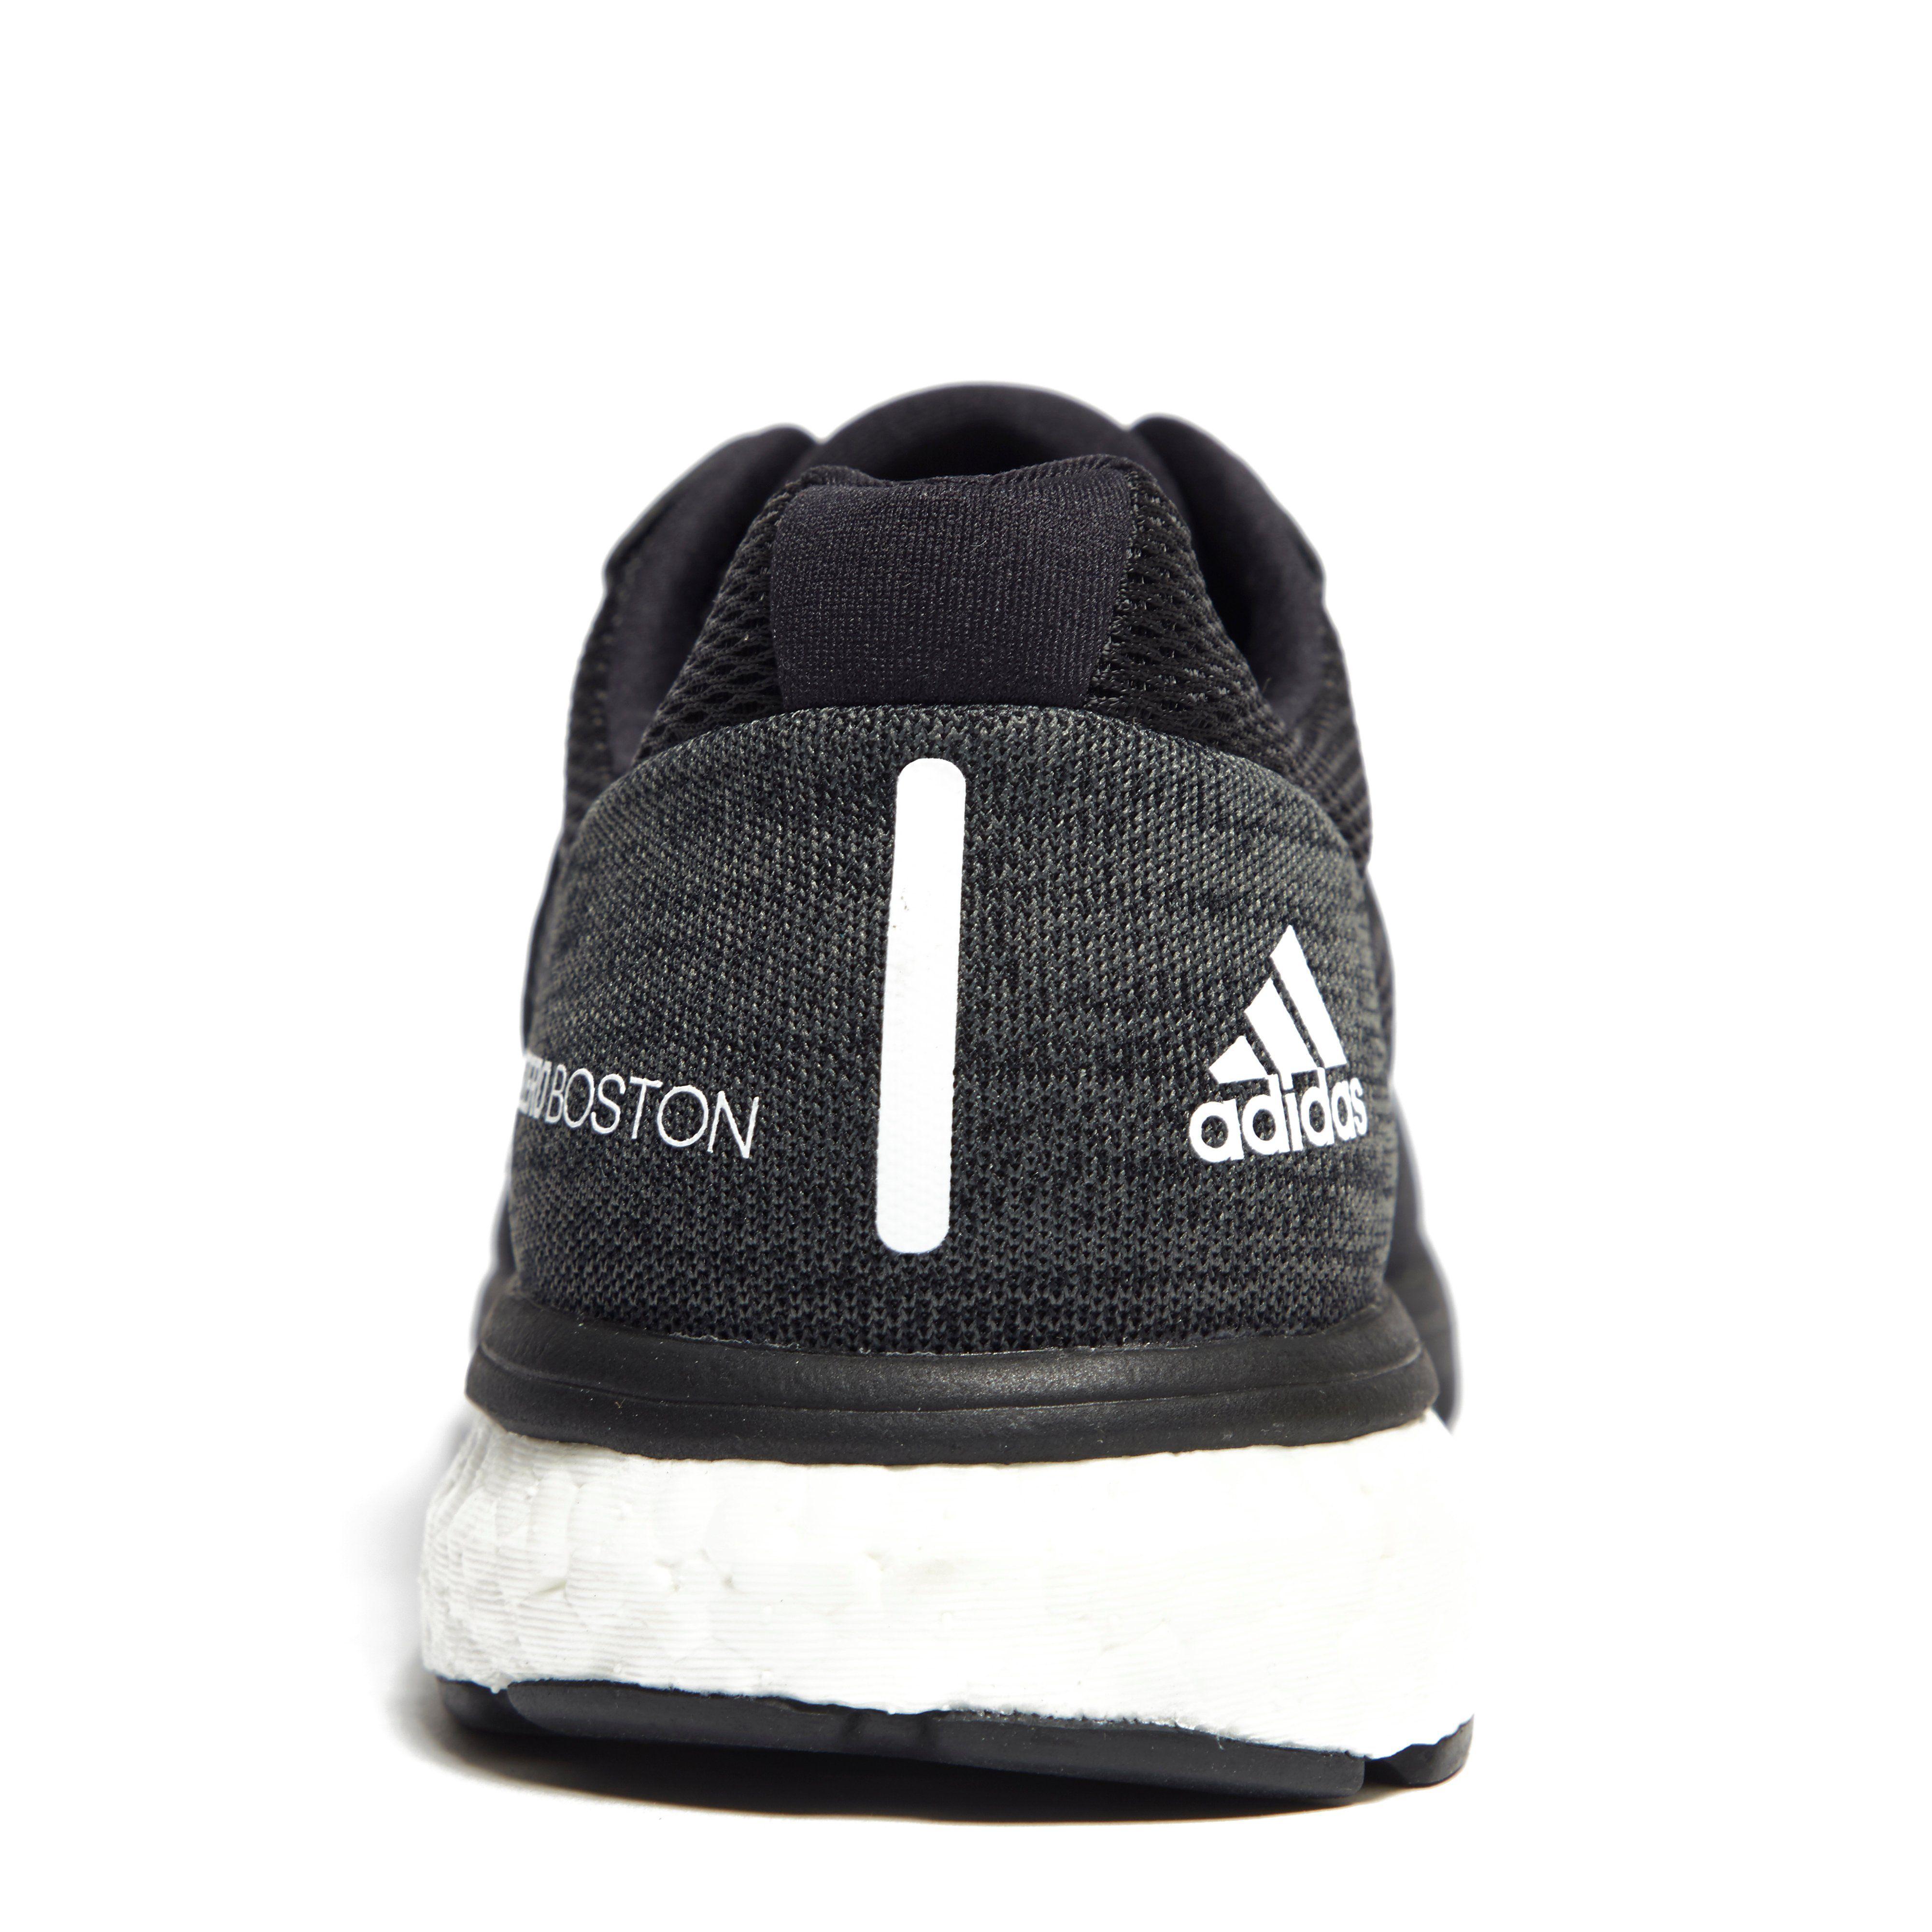 adidas Adizero Boston 7 Men's Running Shoes